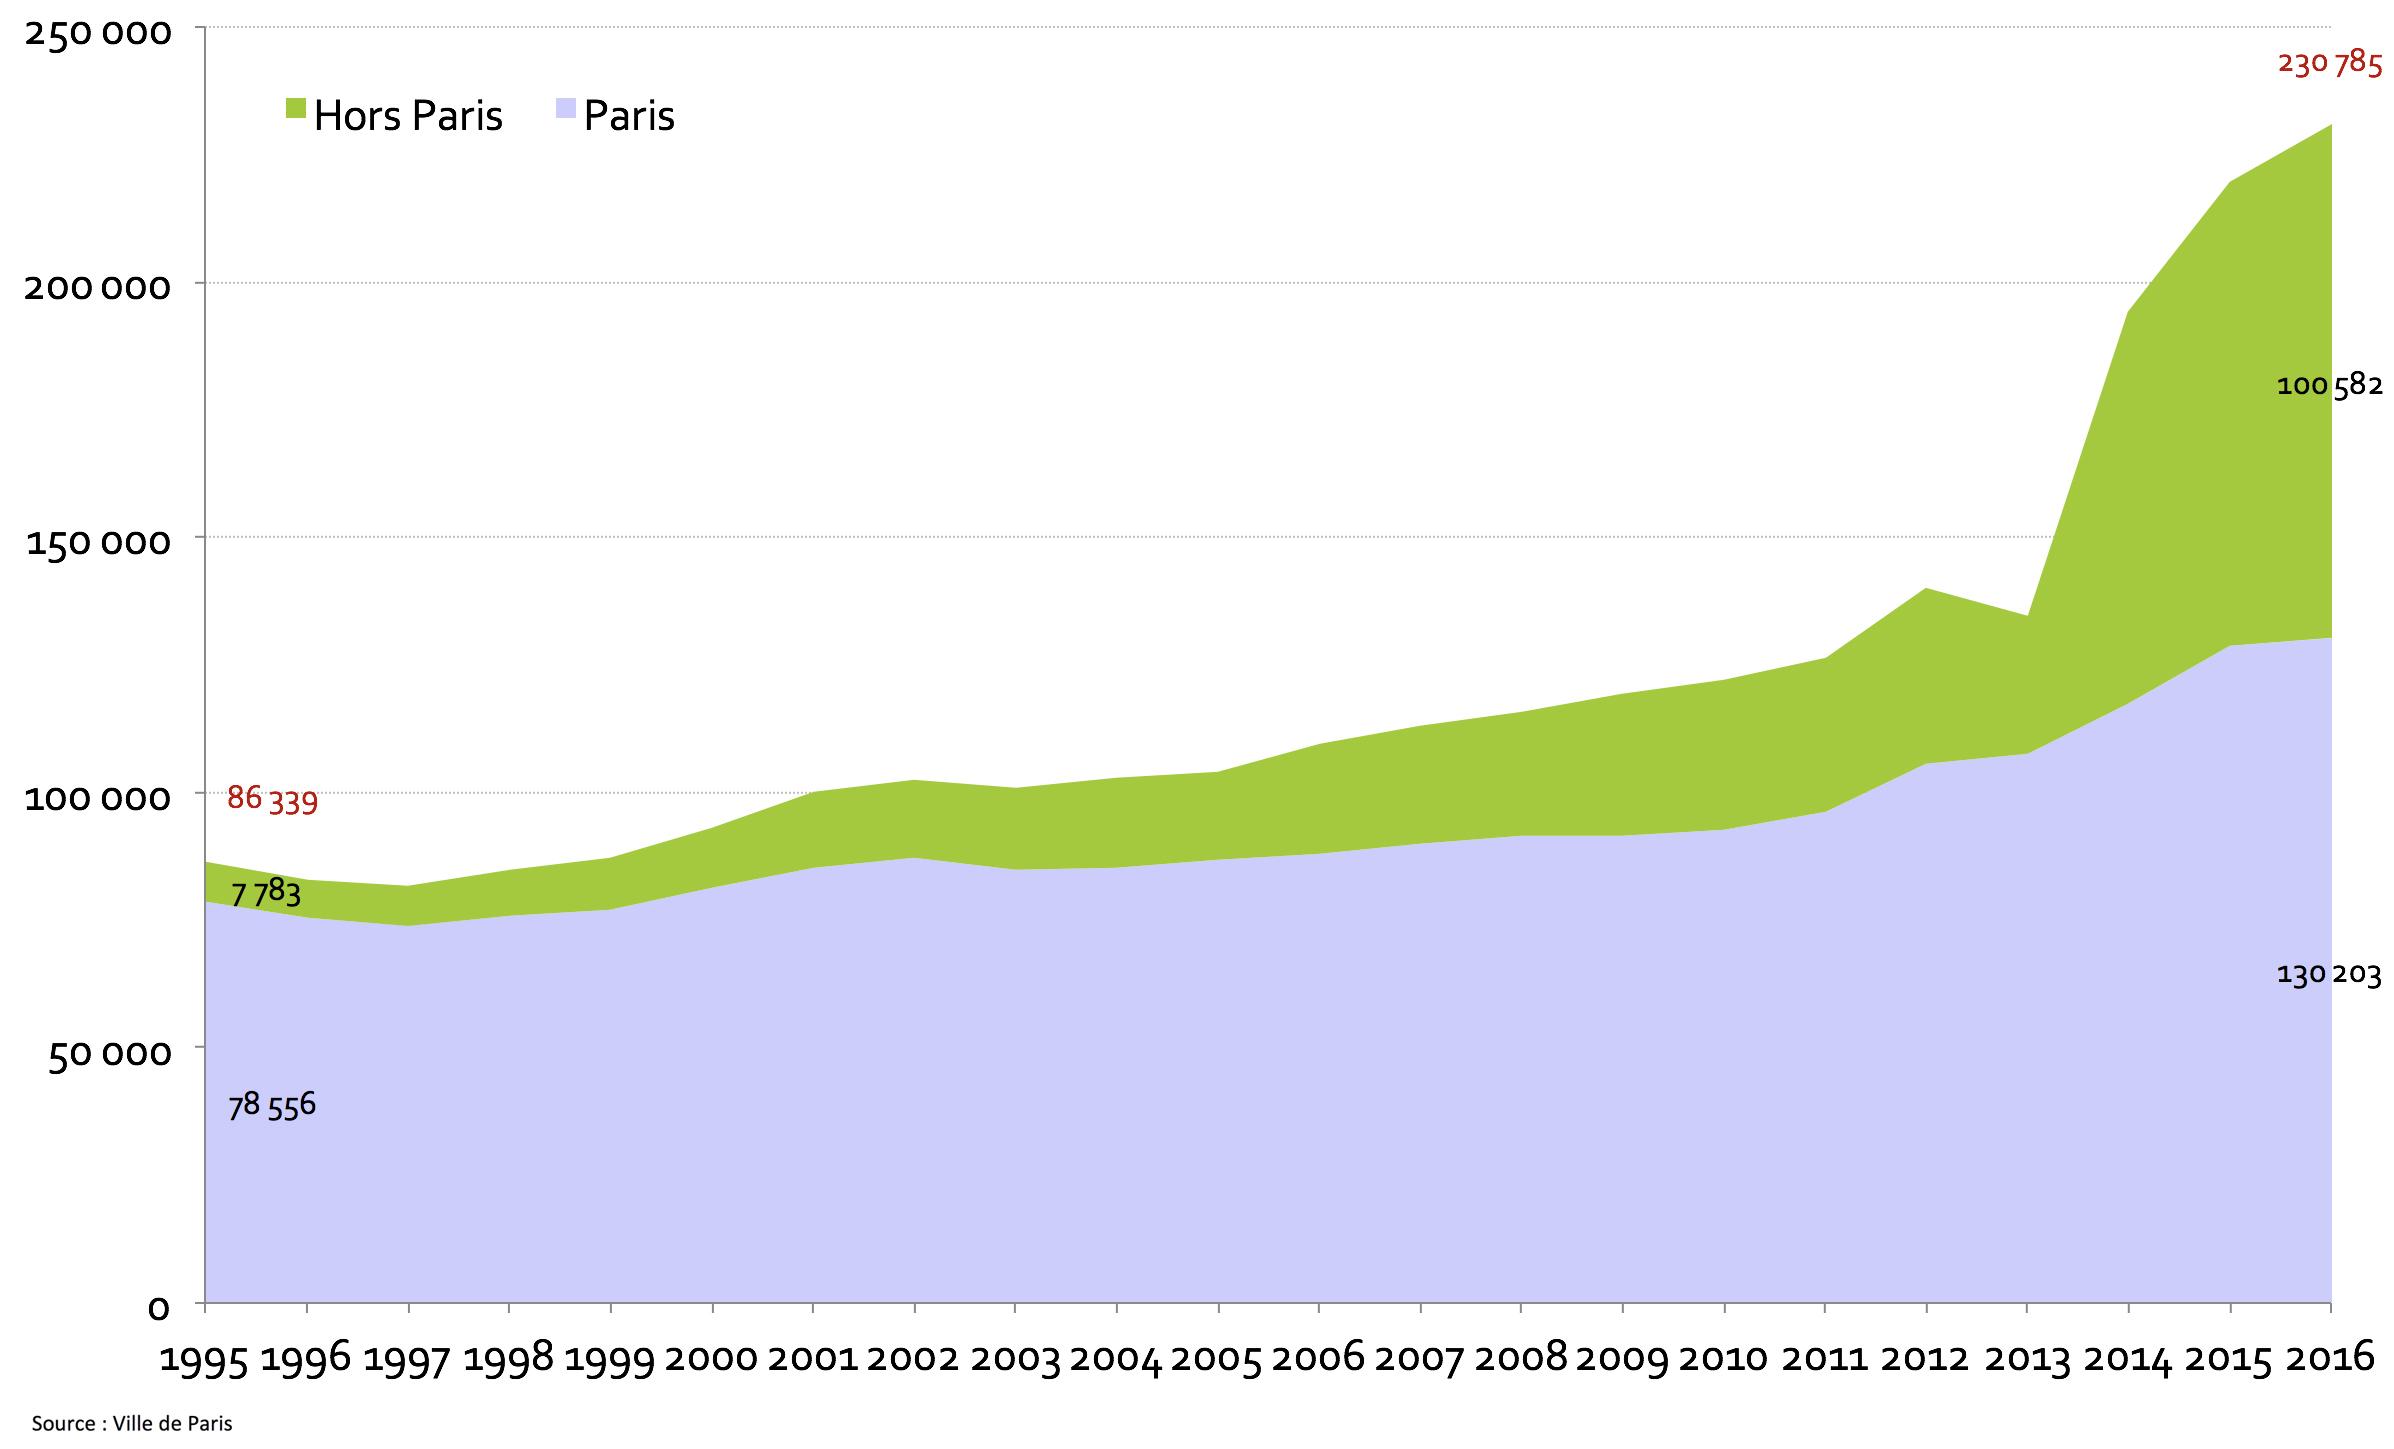 Nombre de demandeurs selon leur lieu de résidence - Evolution 1995-2016